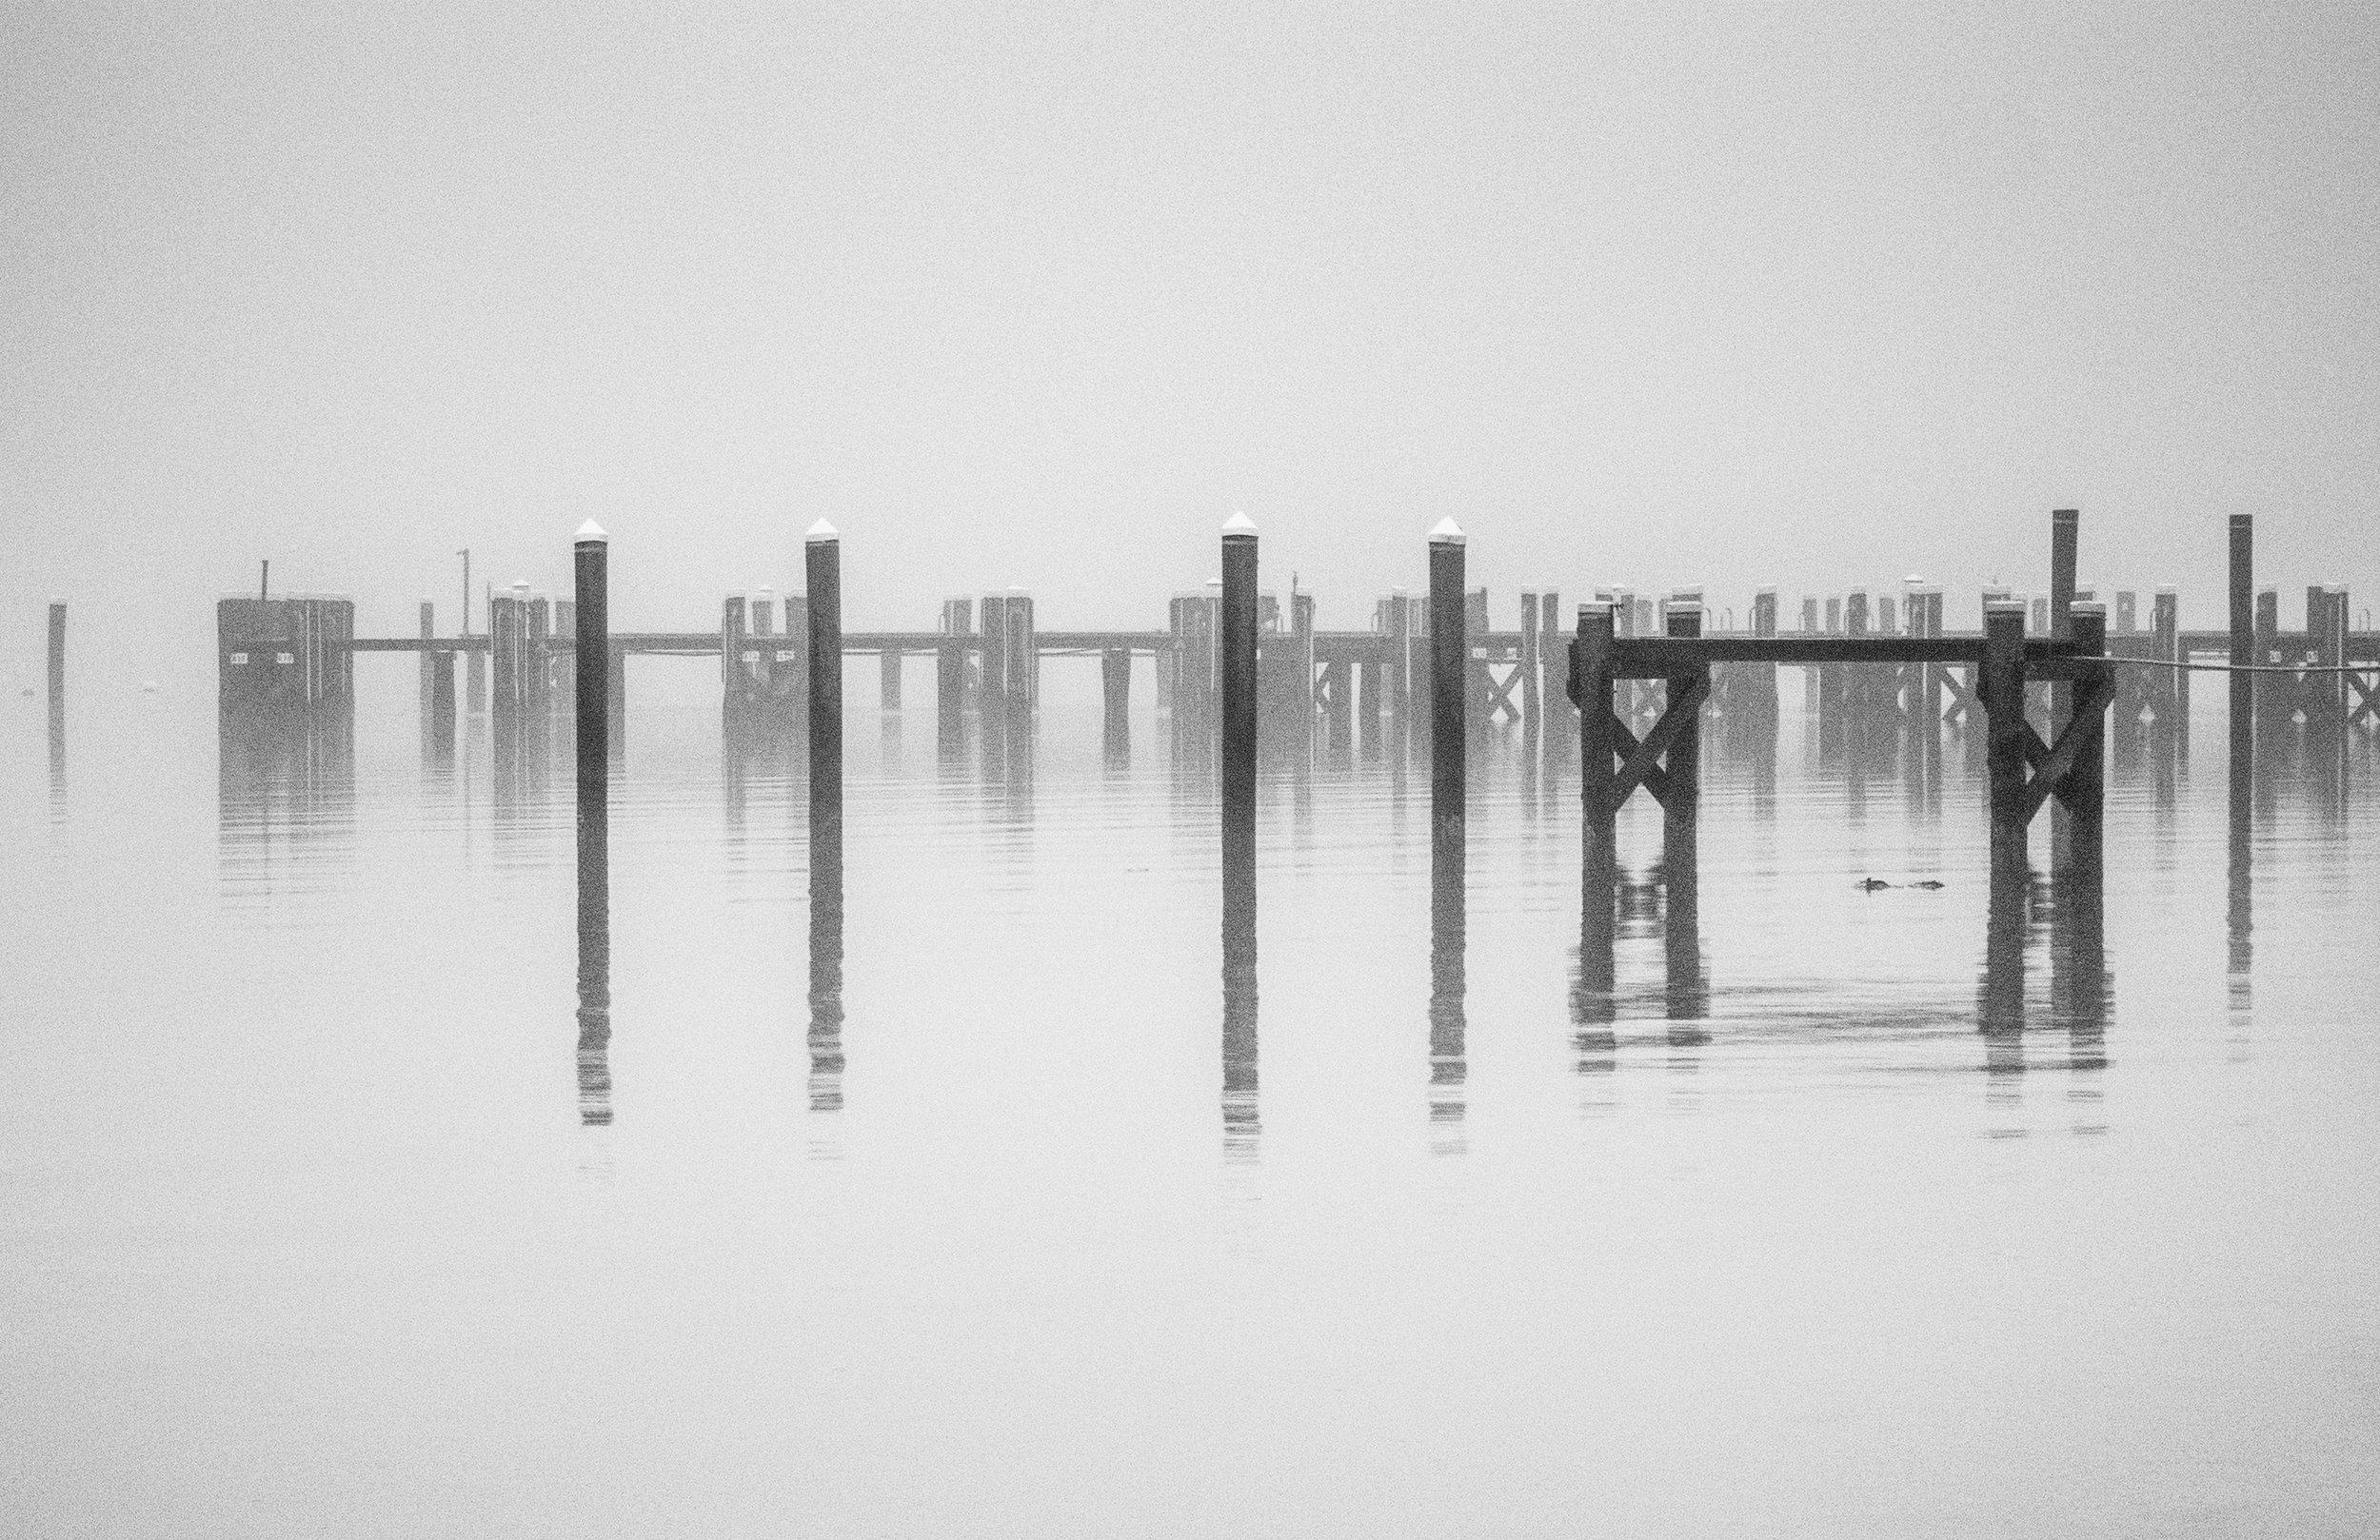 Docks in mist